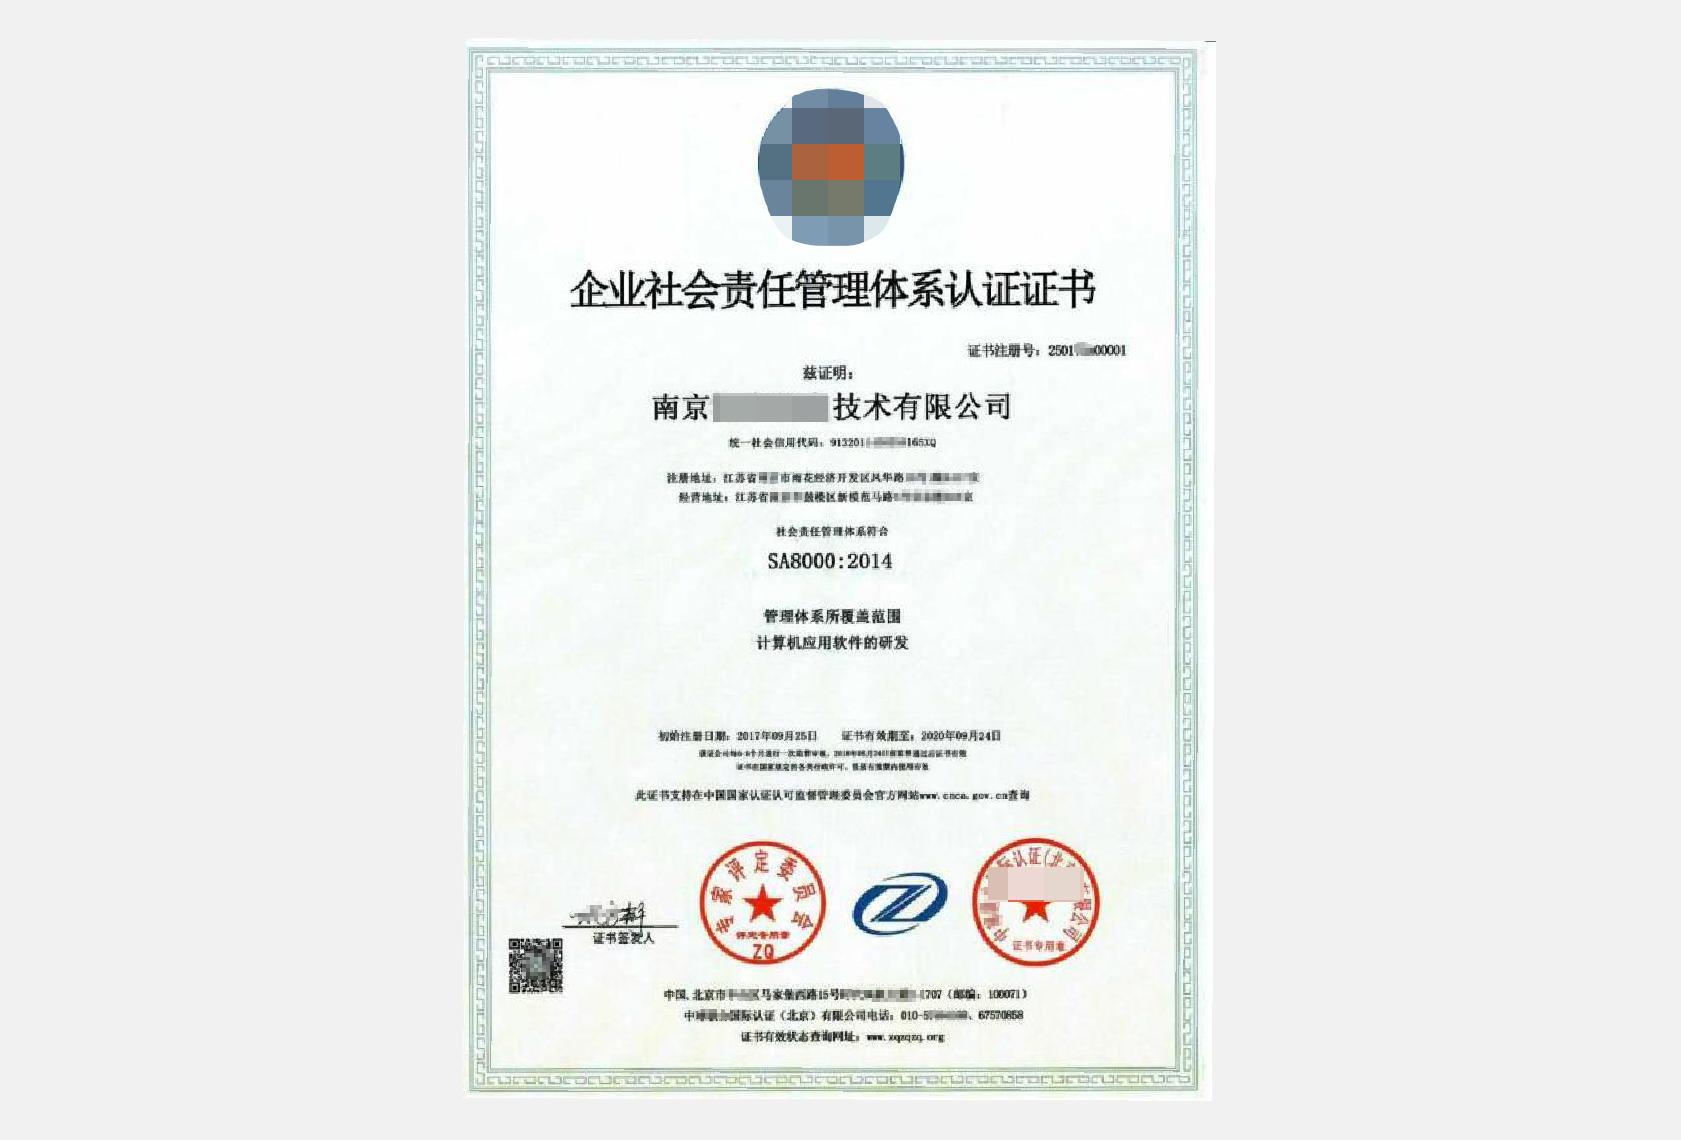 SA8000社会责任标准体系认证证书